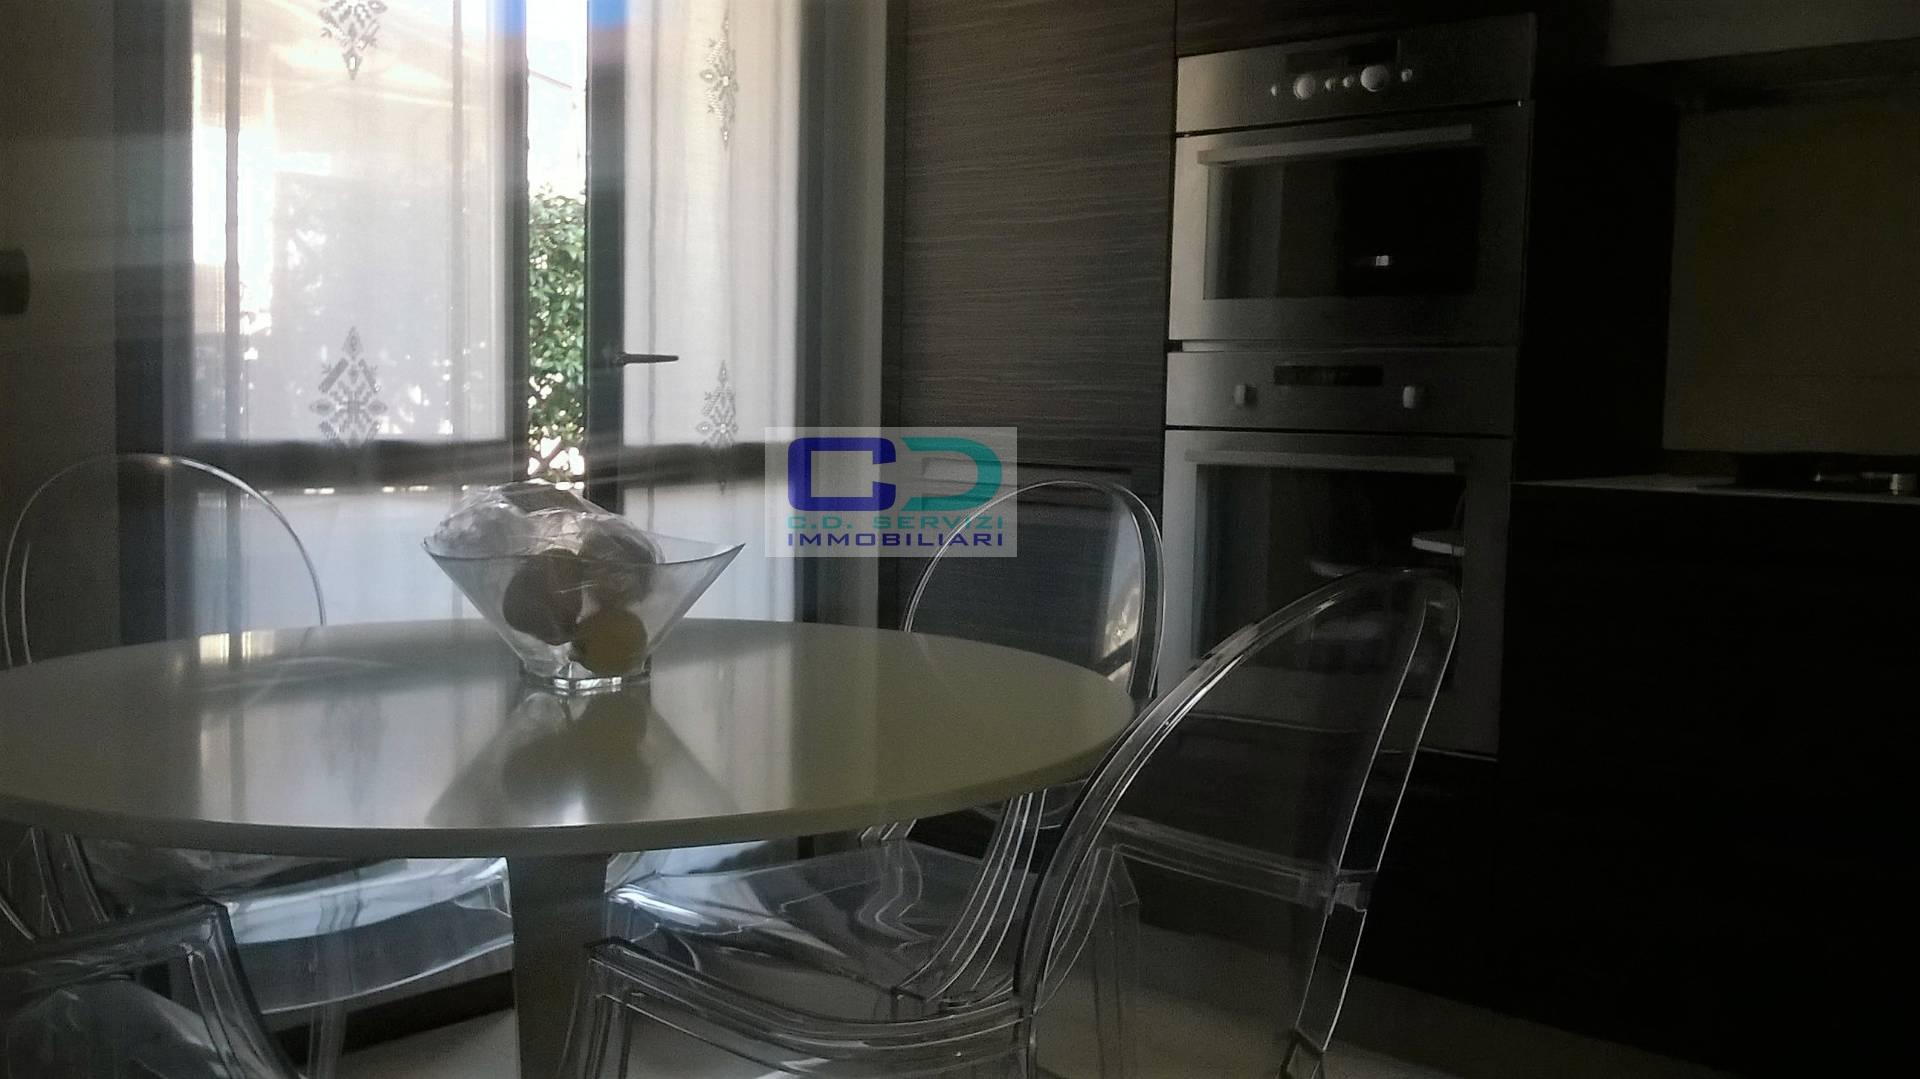 Appartamento in vendita a Truccazzano, 3 locali, zona Zona: Albignano, prezzo € 228.000 | CambioCasa.it